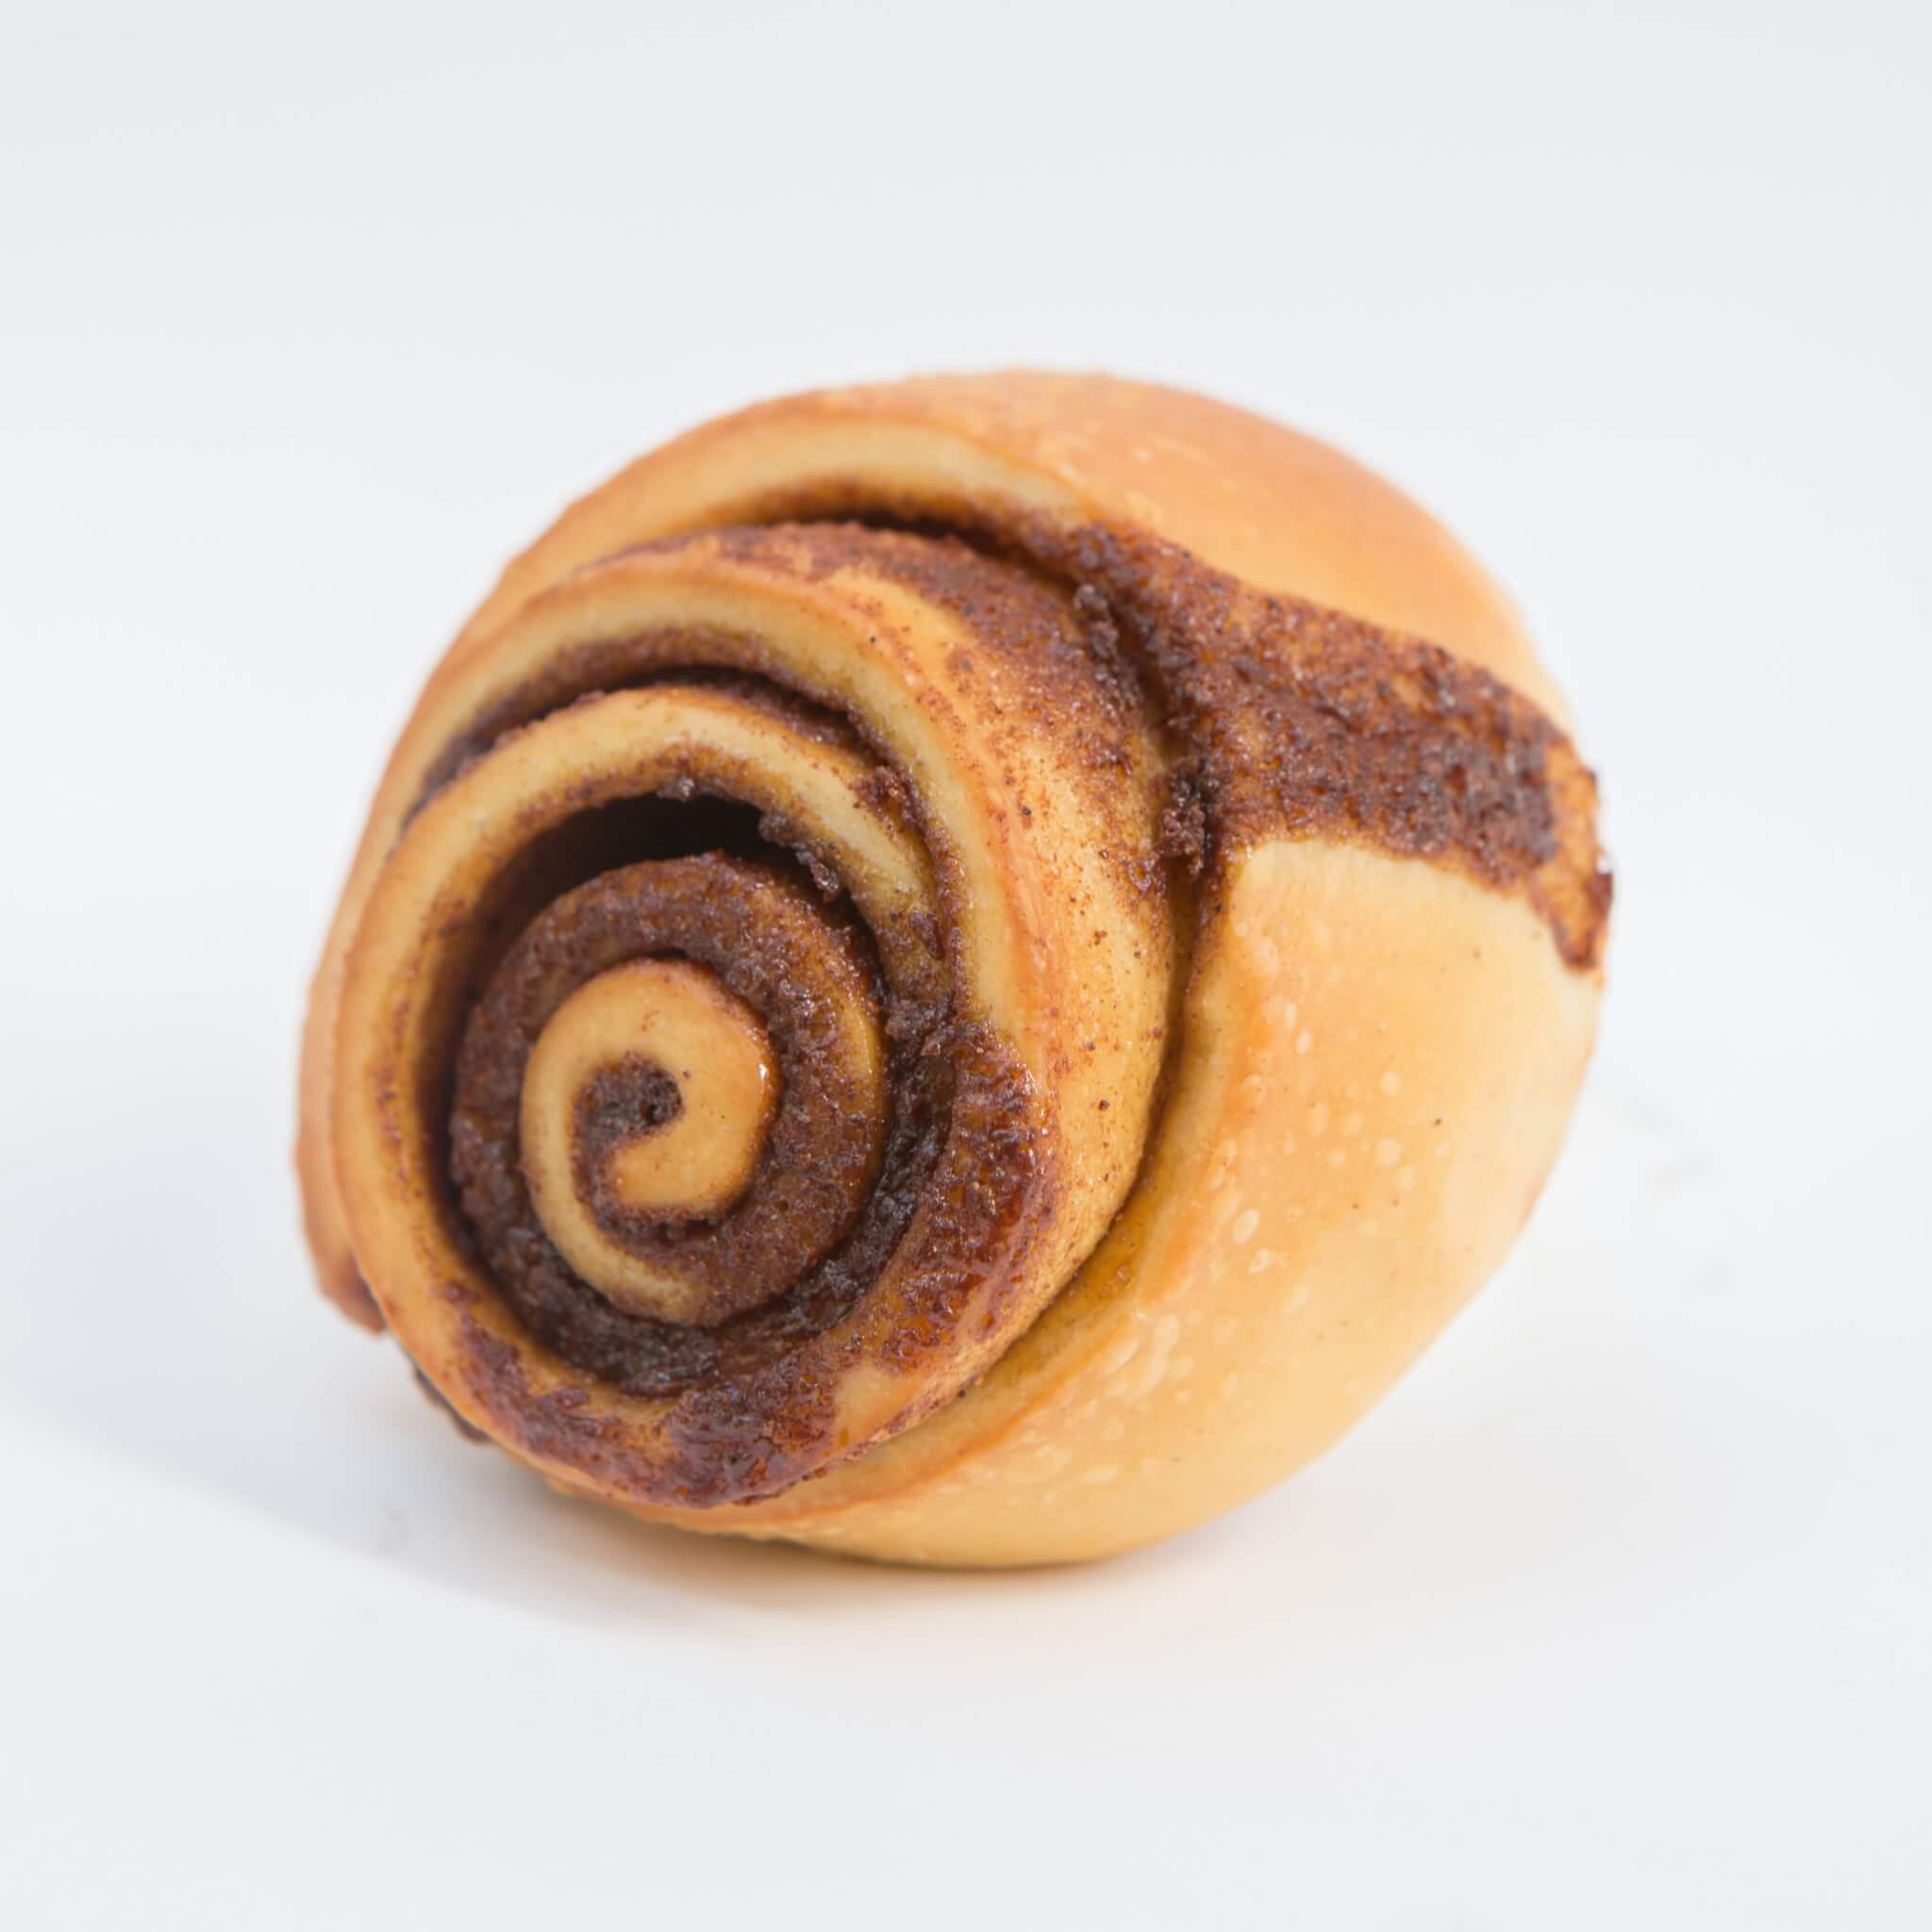 由跑馬地手工麵包店Proof的德籍糕點師Florian 製作。內餡加入了斯里蘭卡及印尼肉桂粉,並 塗在蛋、奶及牛油製成的甜麵糰上,吃來很香 軟。另設海鹽焦糖淋醬版本。(Regular $28/b)